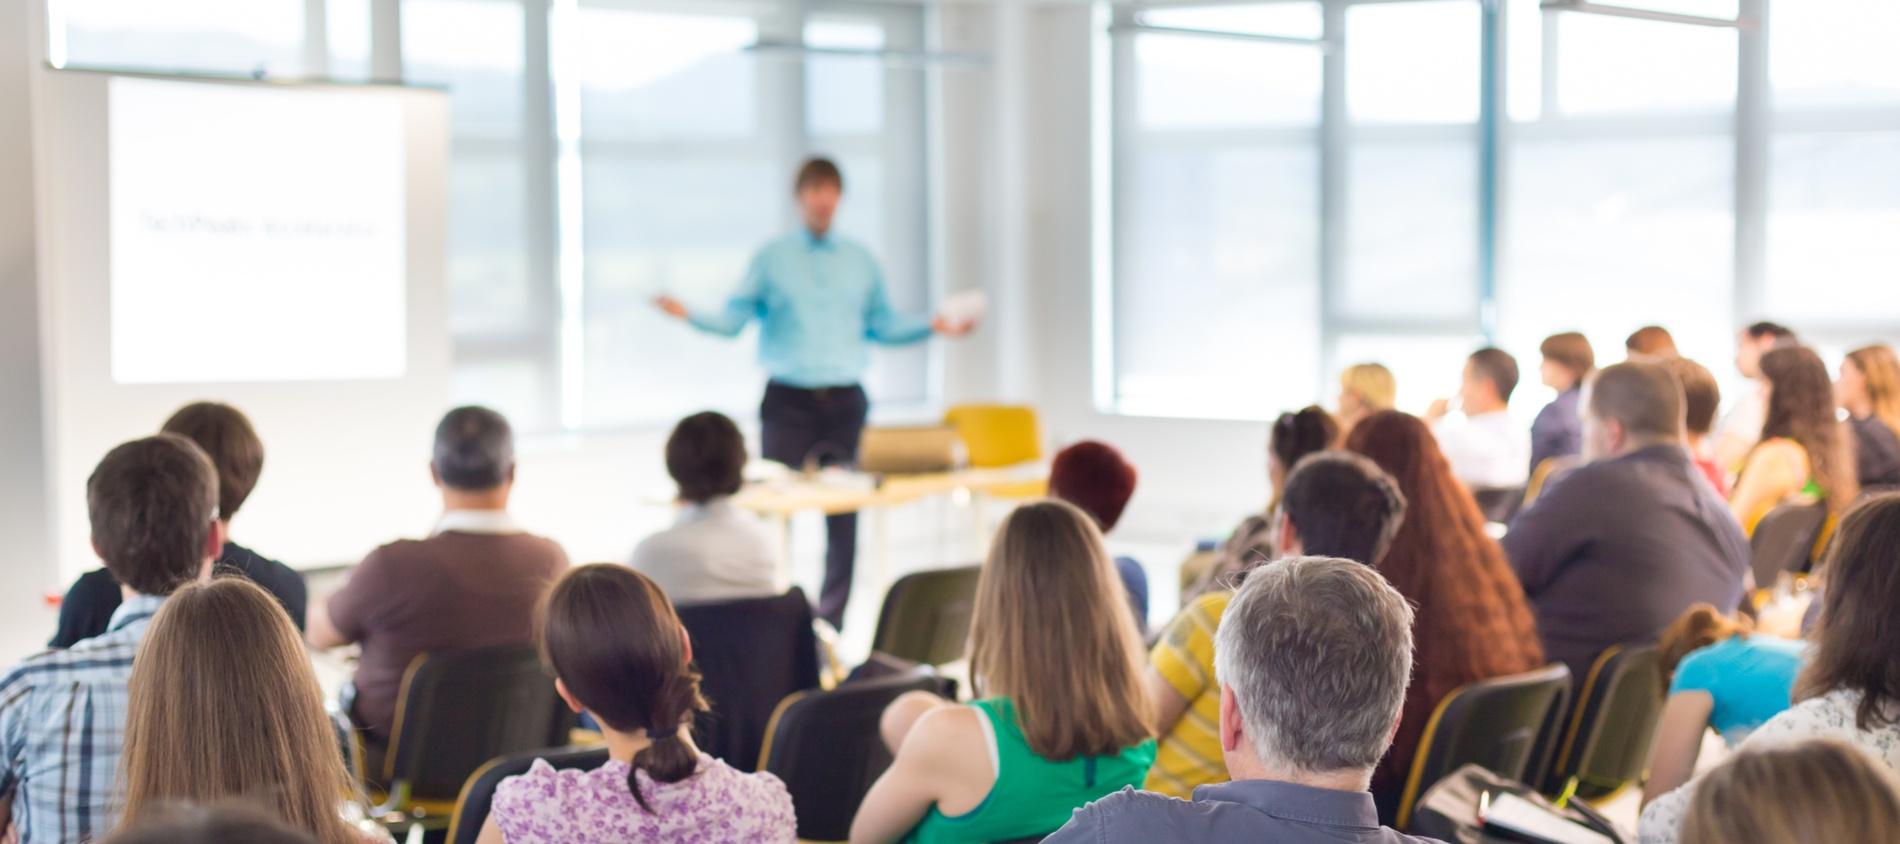 Presentaciones en Power Point: 30 ejemplos para inspirarte